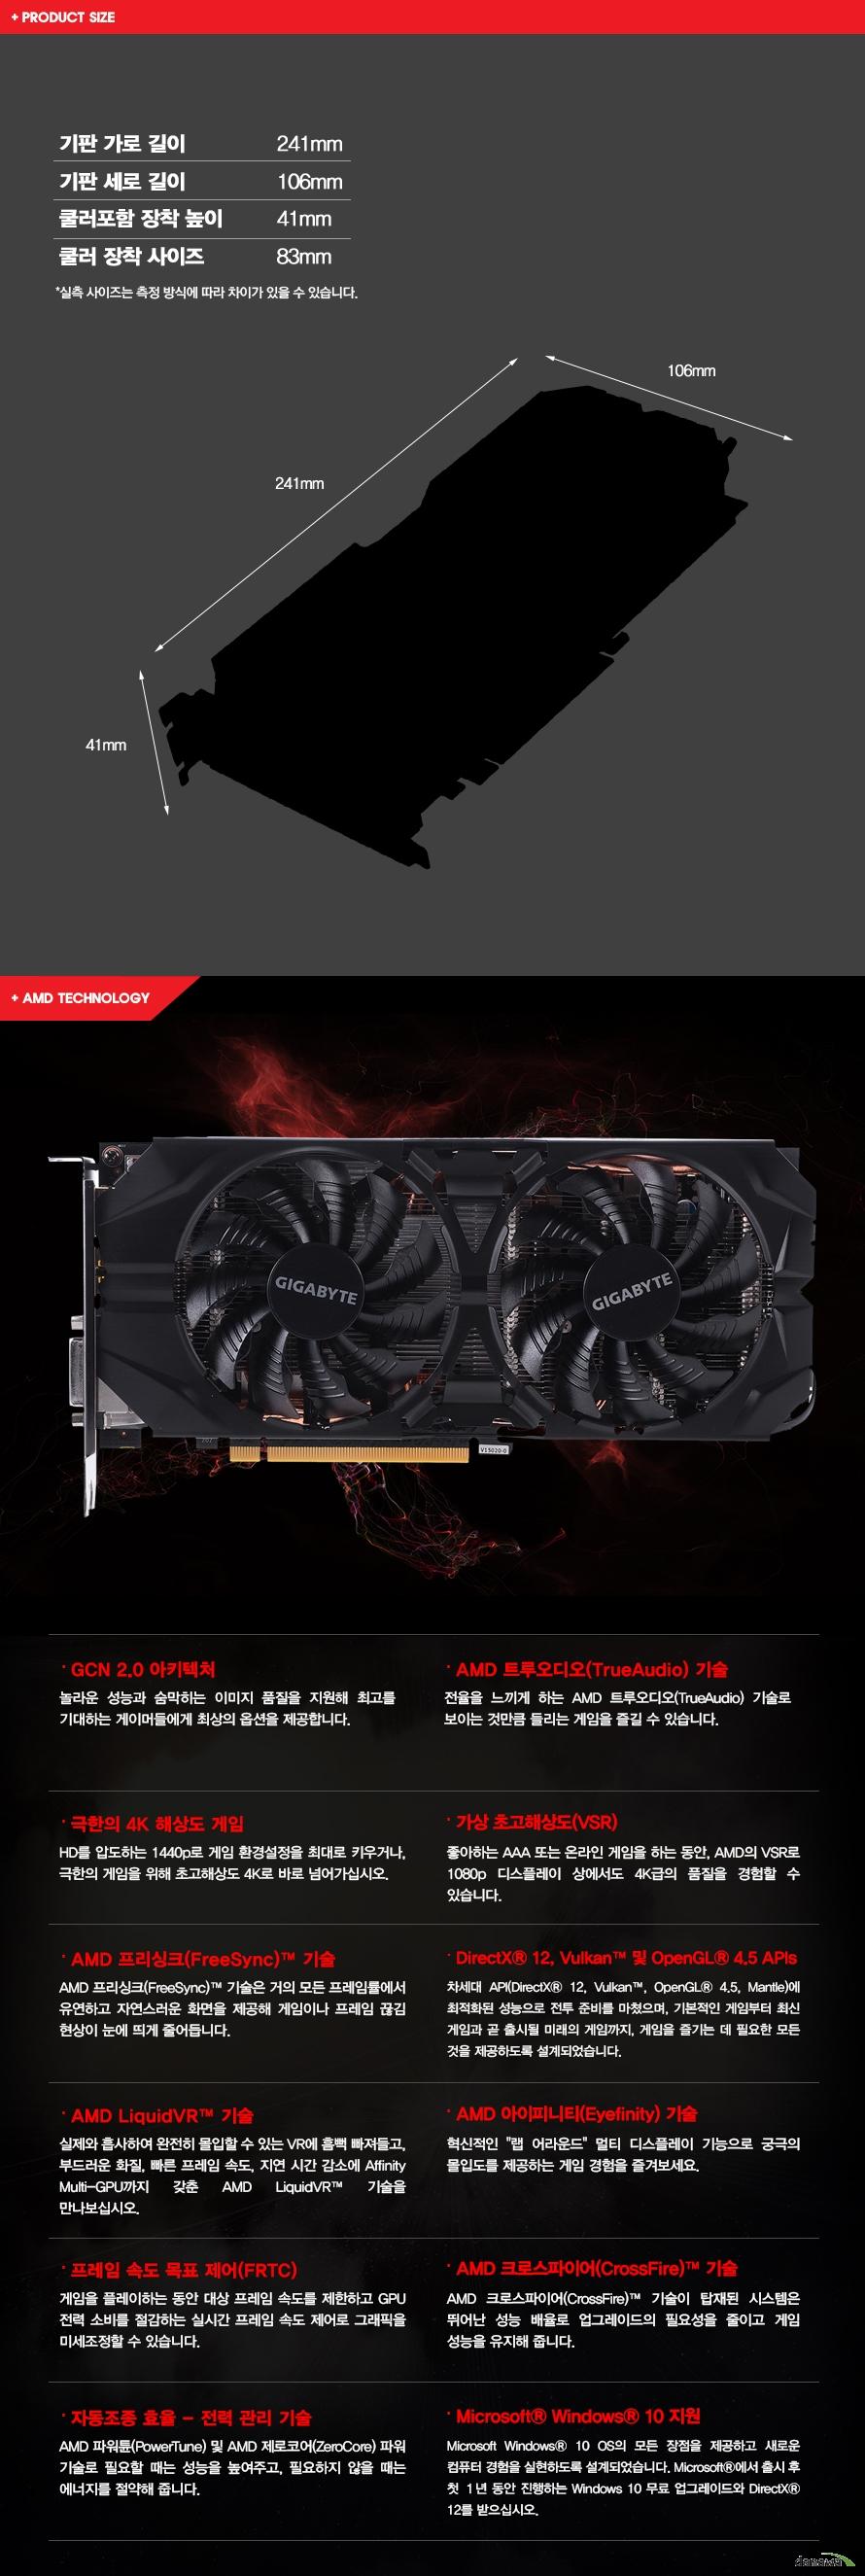 제품 크기 및 AMD 기술